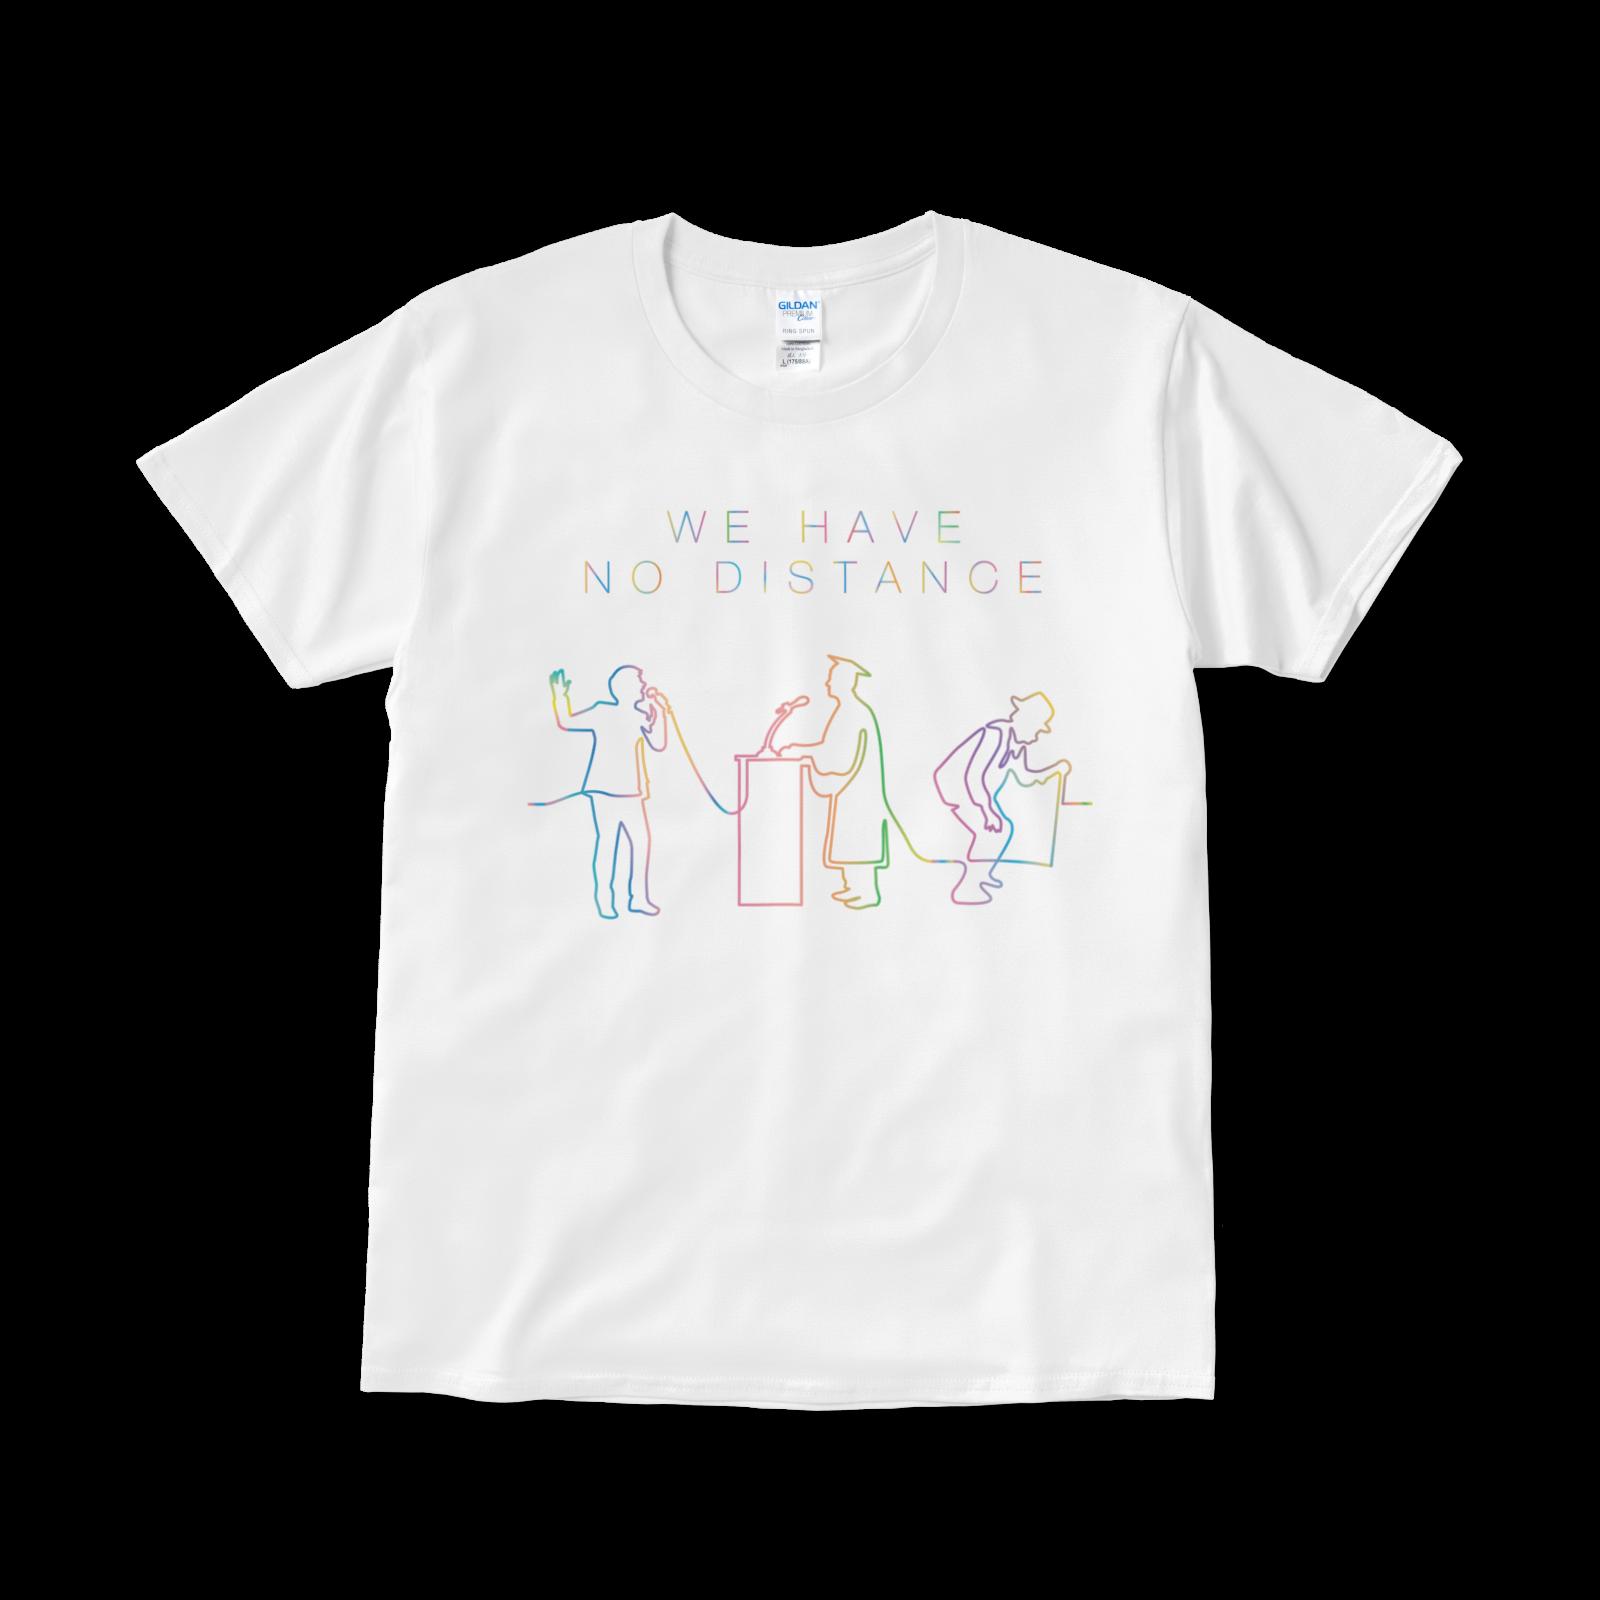 【再会を誓うTシャツ】「WE HAVE NO DISTANCE」タイプ003(送料無料)